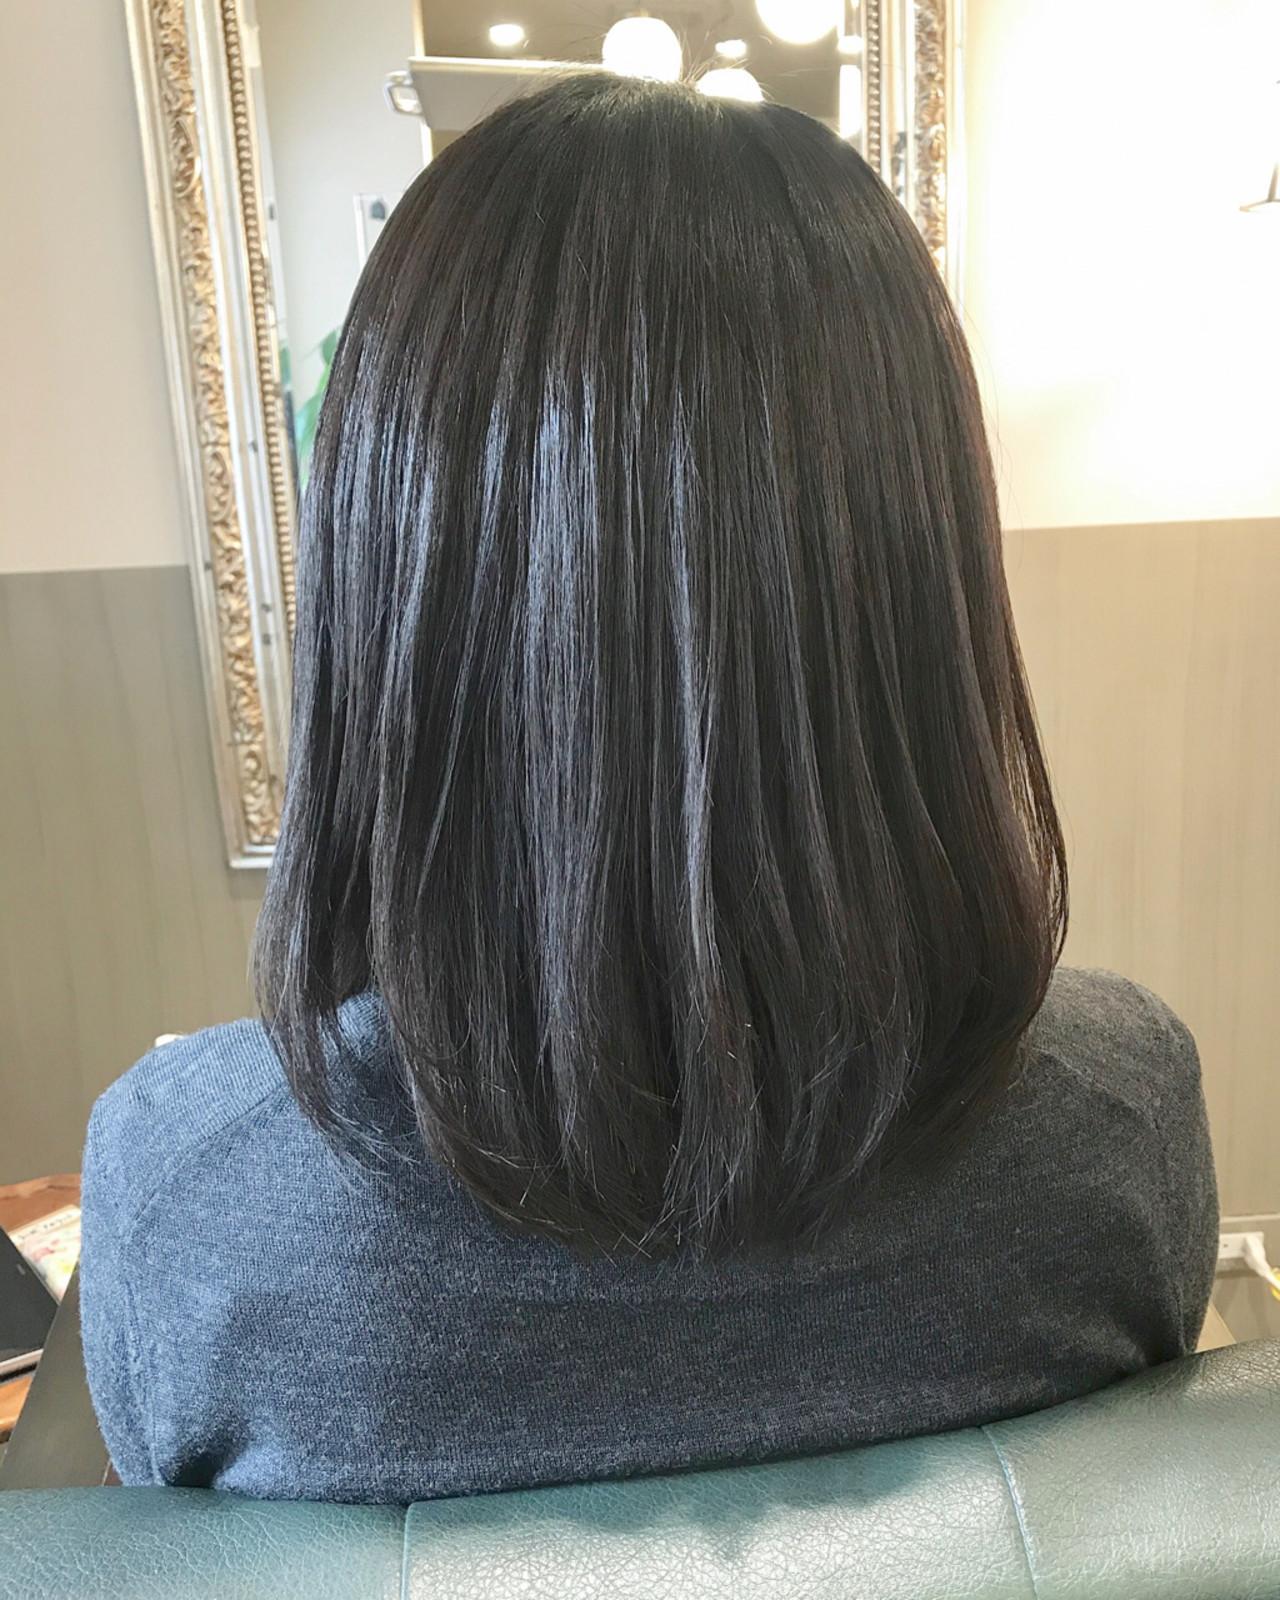 黒髪×アッシュでマットな質感 伊藤絵里子